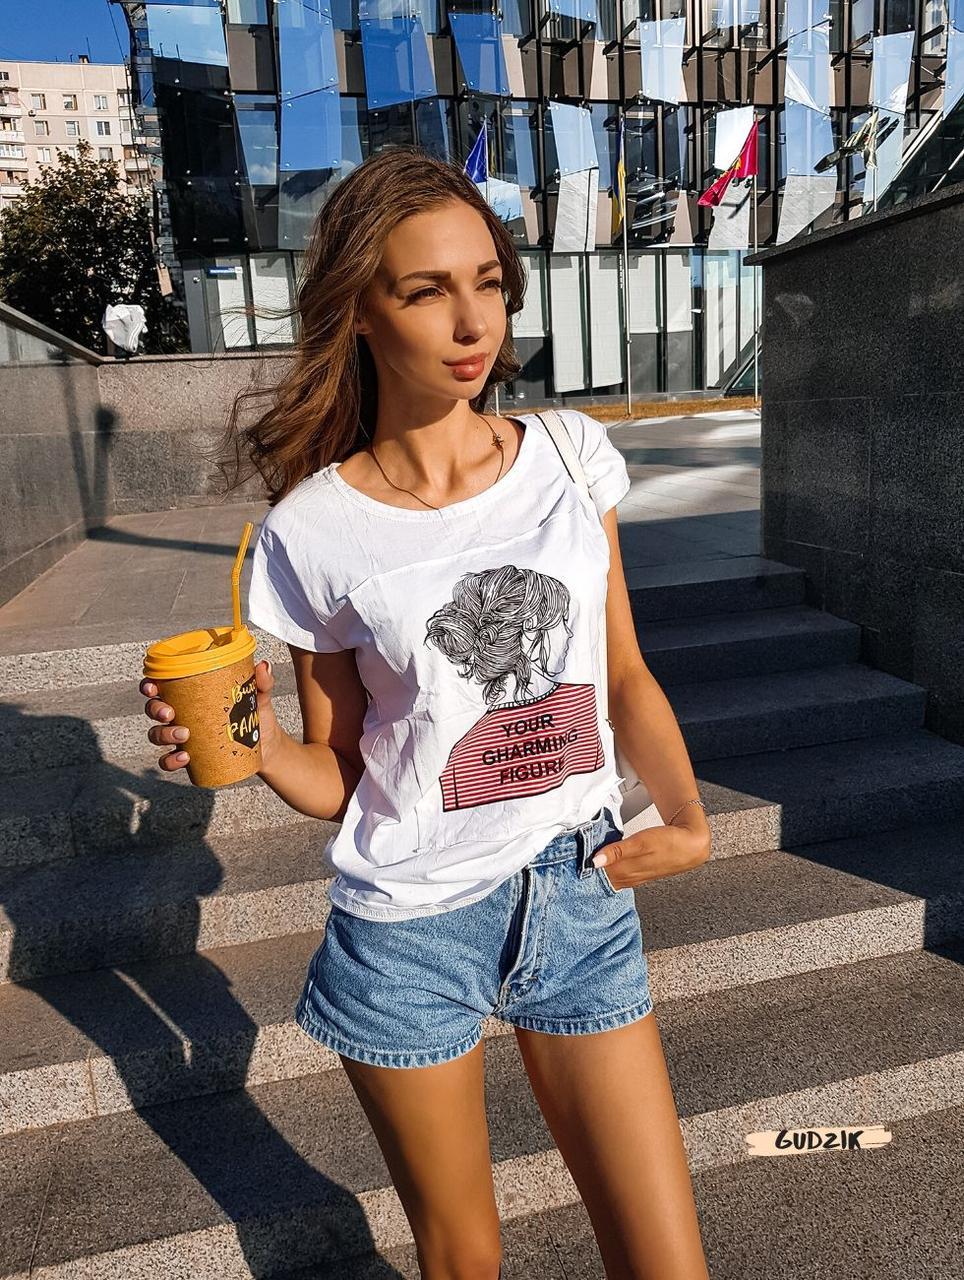 Женская красивая футболка женская белая  с силуэтом девушки